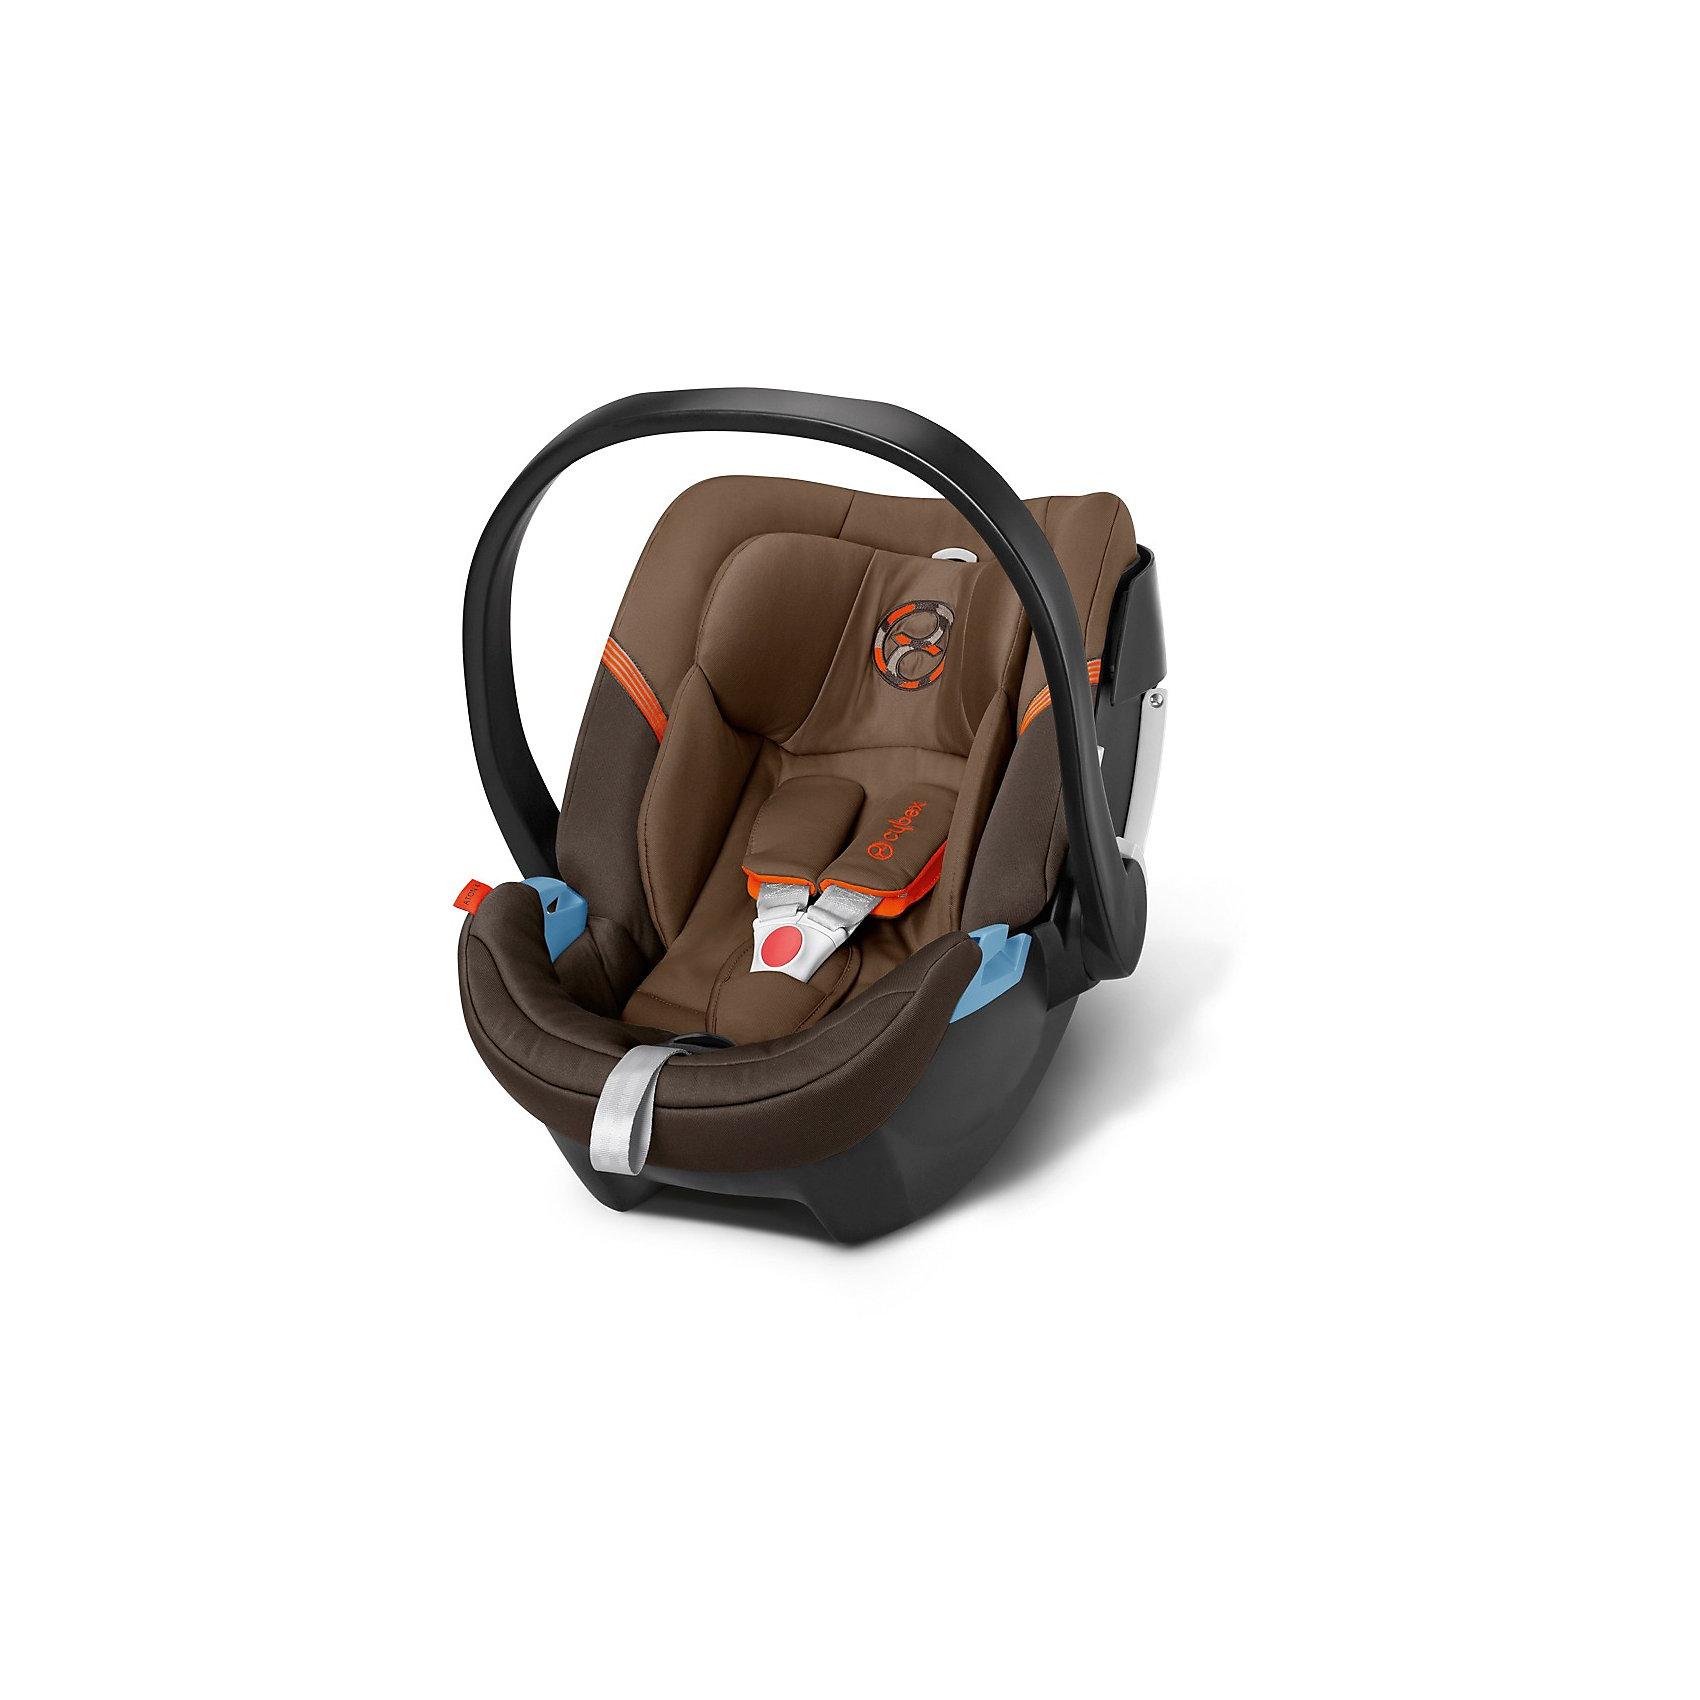 Автокресло Cybex Aton 4, 0-13 кг, Coffee BeanГруппа 0+ (До 13 кг)<br>Дополнительная информация:<br><br>-Группа: 0+<br>-возраст: с рождения до 18 мес<br>-вес: 0 - 13 кг<br>-вес кресла: всего 3.5 кг<br>-размеры: 63 Х 44 - 51,5 Х 55 см<br>-размер подушки: 30 x 22 см<br>-длина спинки: 43 см<br>-вкладыш для новорожденных <br>-3-точечные ремни с мягкими накладками<br>-сверхлёгкость и невероятная мобильность<br>-встроенный складной козырёк - идеальная защита от солнца и ветра<br>-извлекаемый вкладыш сидения регулирует положение ребенка<br><br>Обладая непревзойденным уровнем безопасности, прекрасным дизайном и функциональностью, ультралегкое и невероятно просторное кресло CYBEX Aton идеально для мобильных родителей. Вне автомобиля кресло Aton становится частью системы для путешествий CYBEX, легко соединяясь с колясками CYBEX и другими при помощи адаптеров. Люлька может быть прикреплена ремнями или при помощи одной из наших баз.<br><br><br>Автокресло Aton 4, 0-13 кг, Cybex, Coffee Bean можно купить в нашем магазине.<br><br>Ширина мм: 702<br>Глубина мм: 446<br>Высота мм: 345<br>Вес г: 6120<br>Цвет: коричневый<br>Возраст от месяцев: 0<br>Возраст до месяцев: 12<br>Пол: Унисекс<br>Возраст: Детский<br>SKU: 3789521